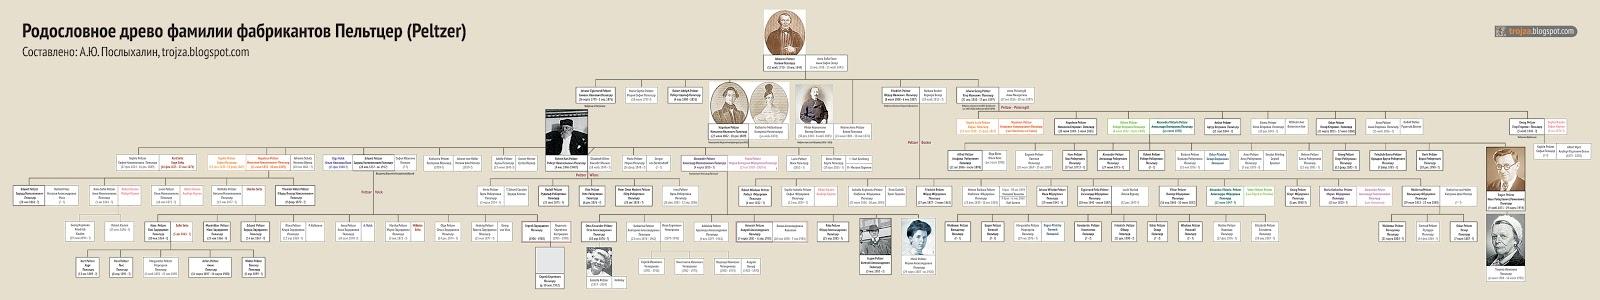 Родословное древо семьи фабрикантов Пельтцер (Peltzer) .